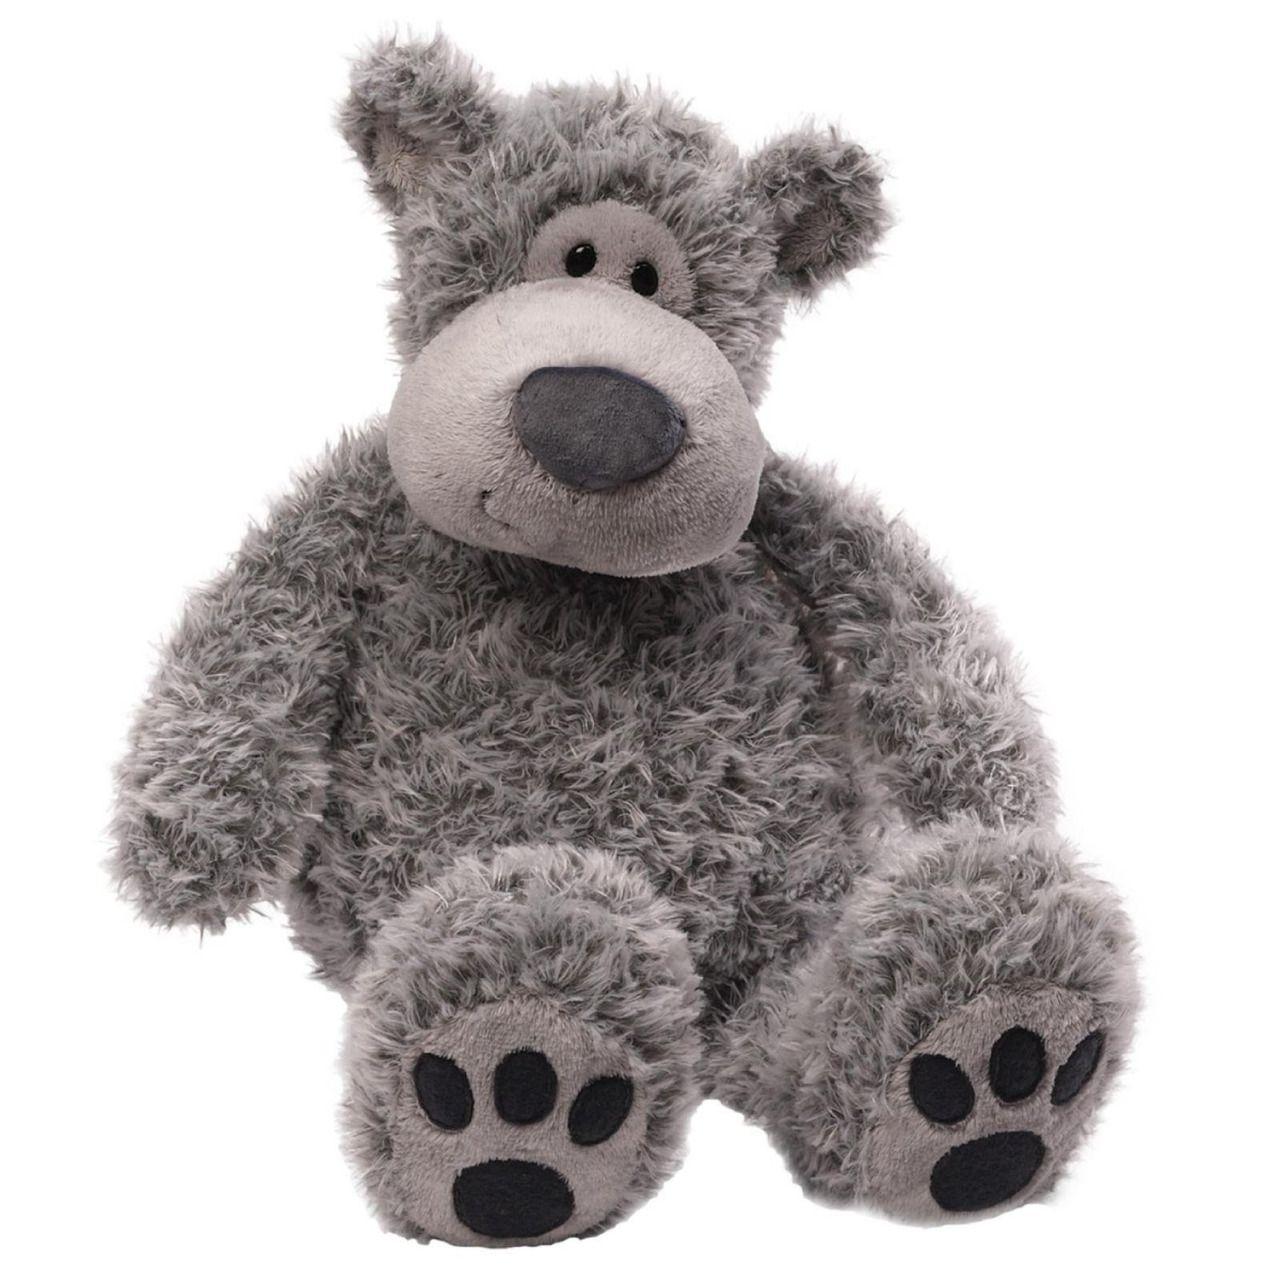 Slouchers Teddy Bear Stuffed Animal by Gund